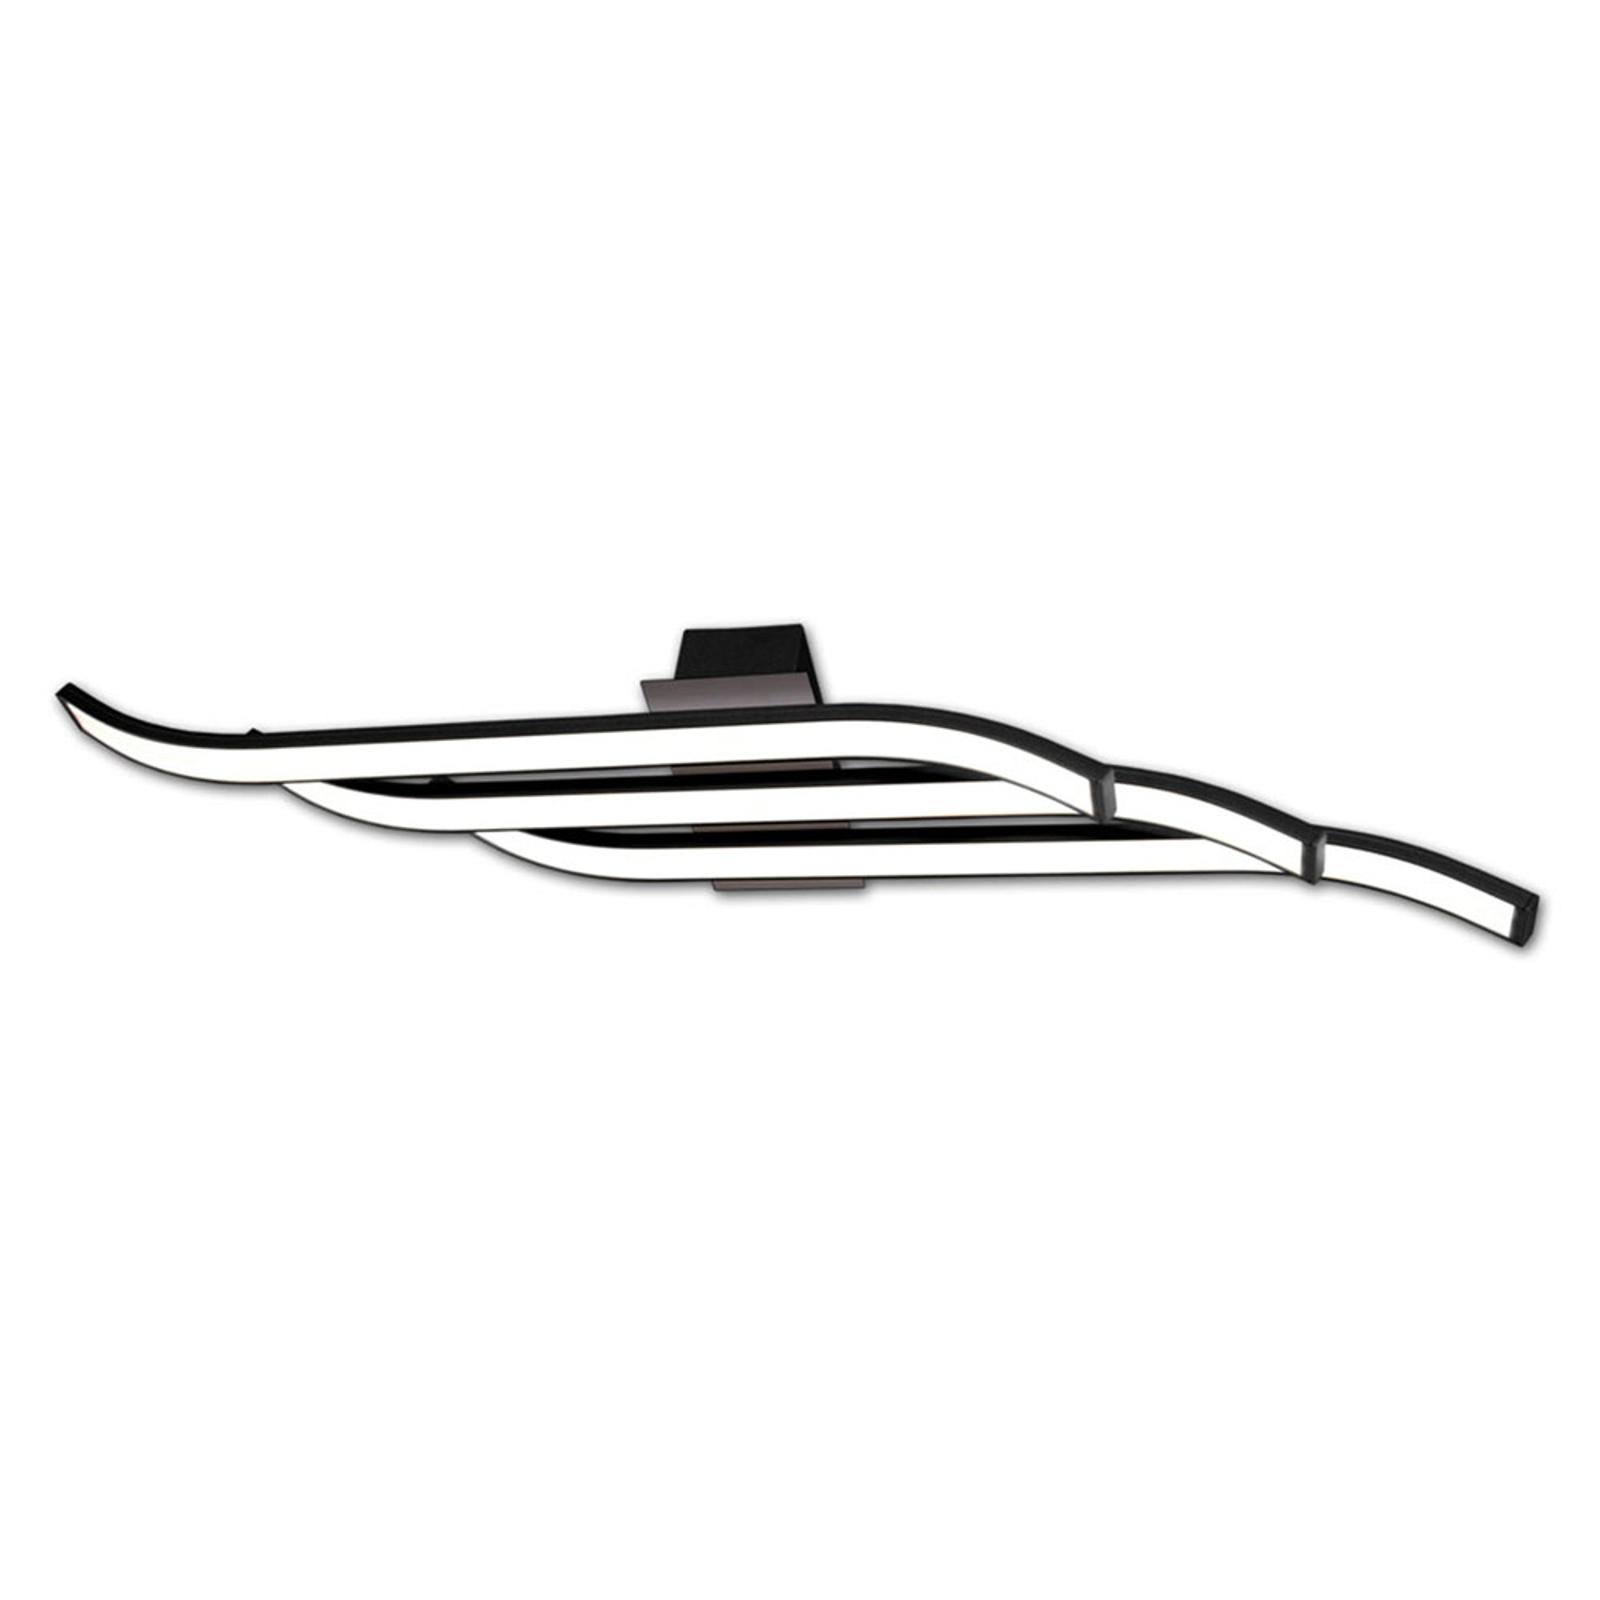 Kurvet LED taklampe Largo, svart